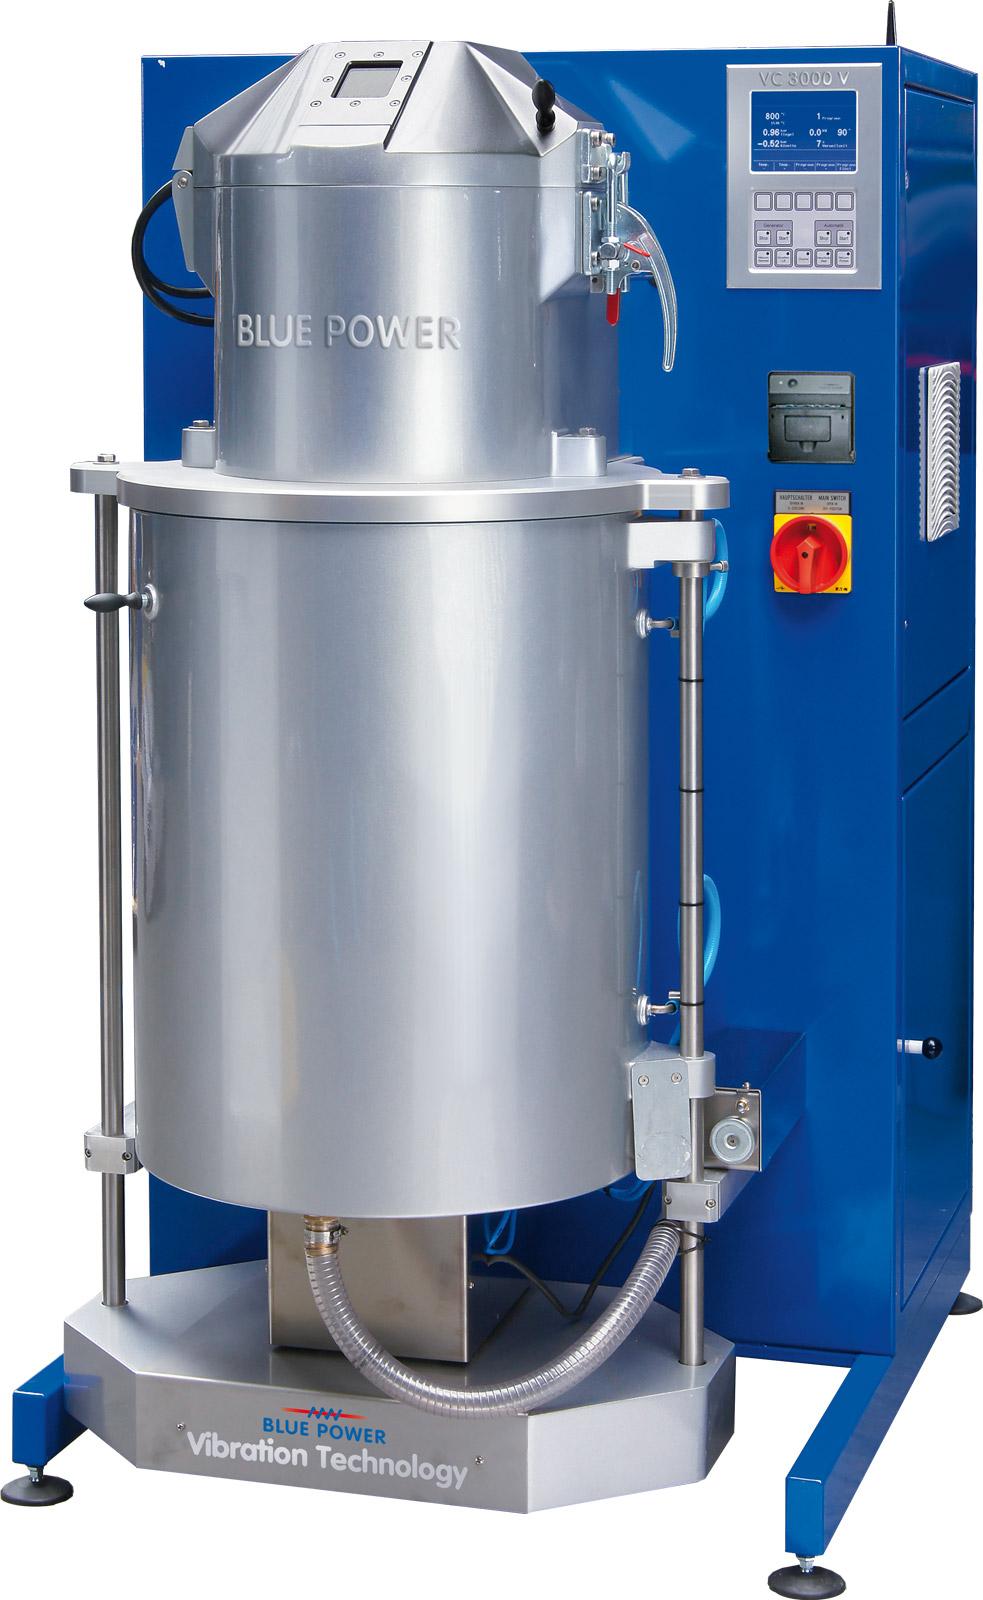 Blue Power VC 3000 V Vakuum-Druck-Gießanlage